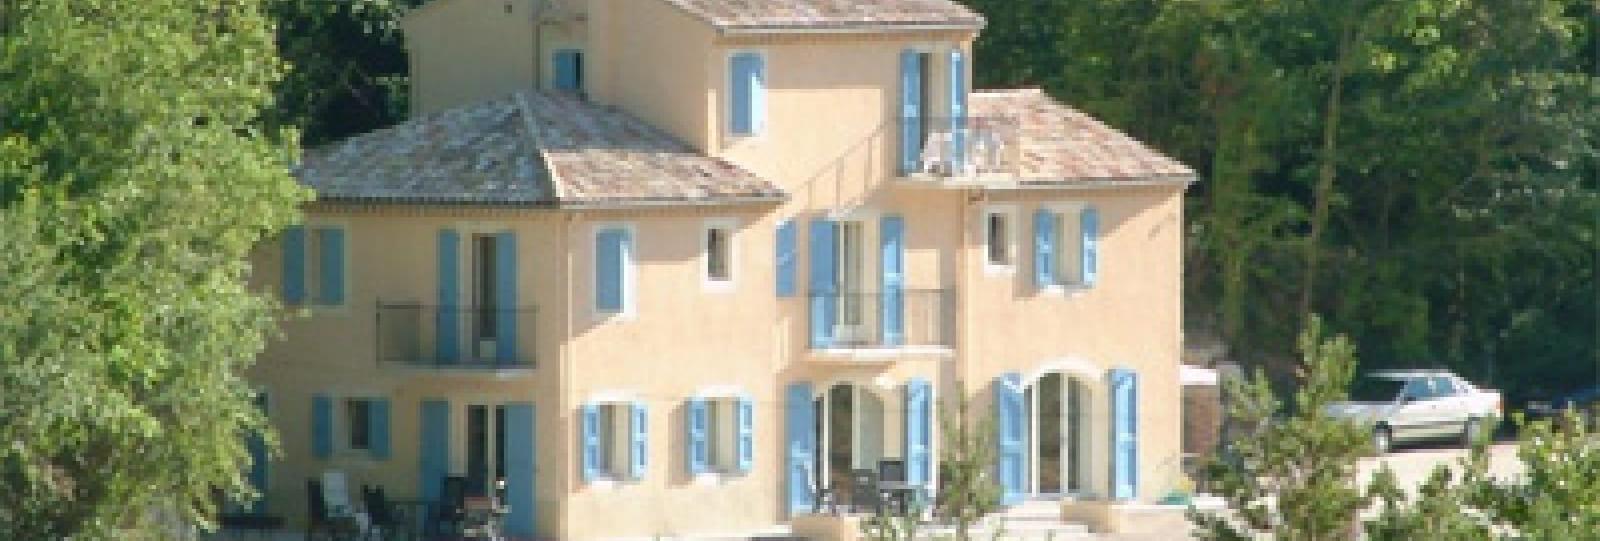 Domaine La Pique - Gîte Rose 2